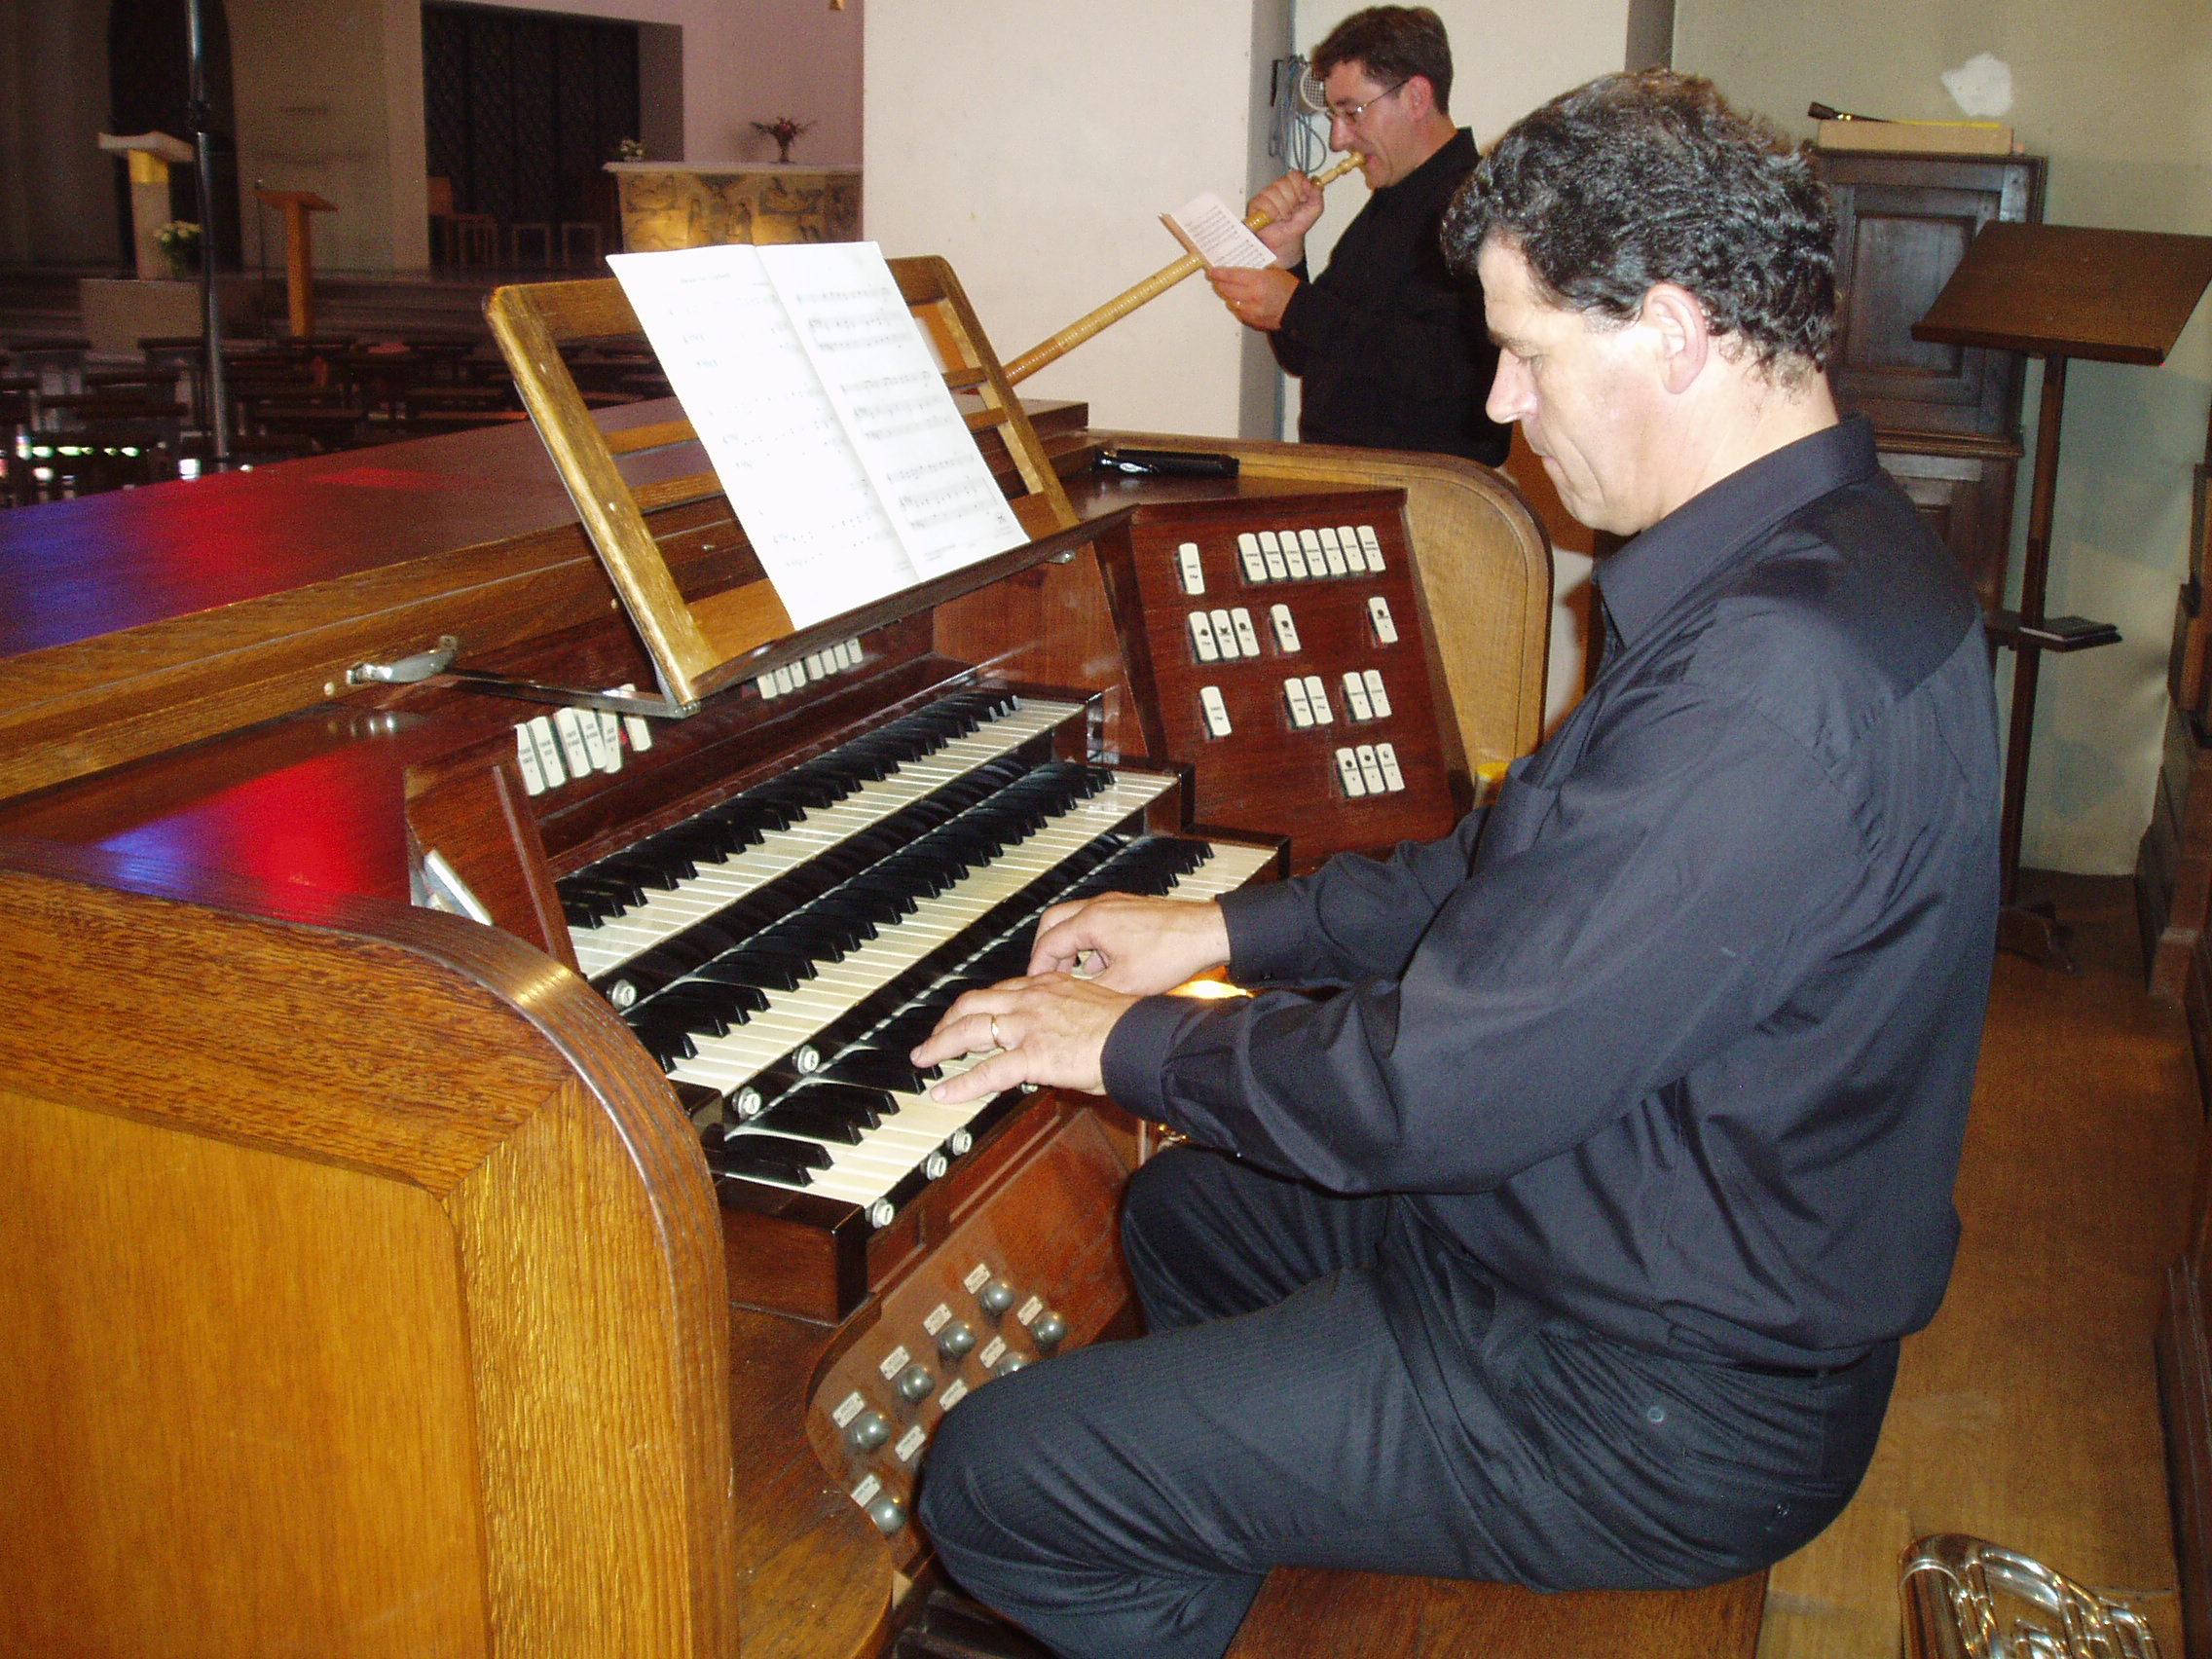 Organiste_du_quatuor_ceux_d'en_haut_le_22_août_2007.JPG